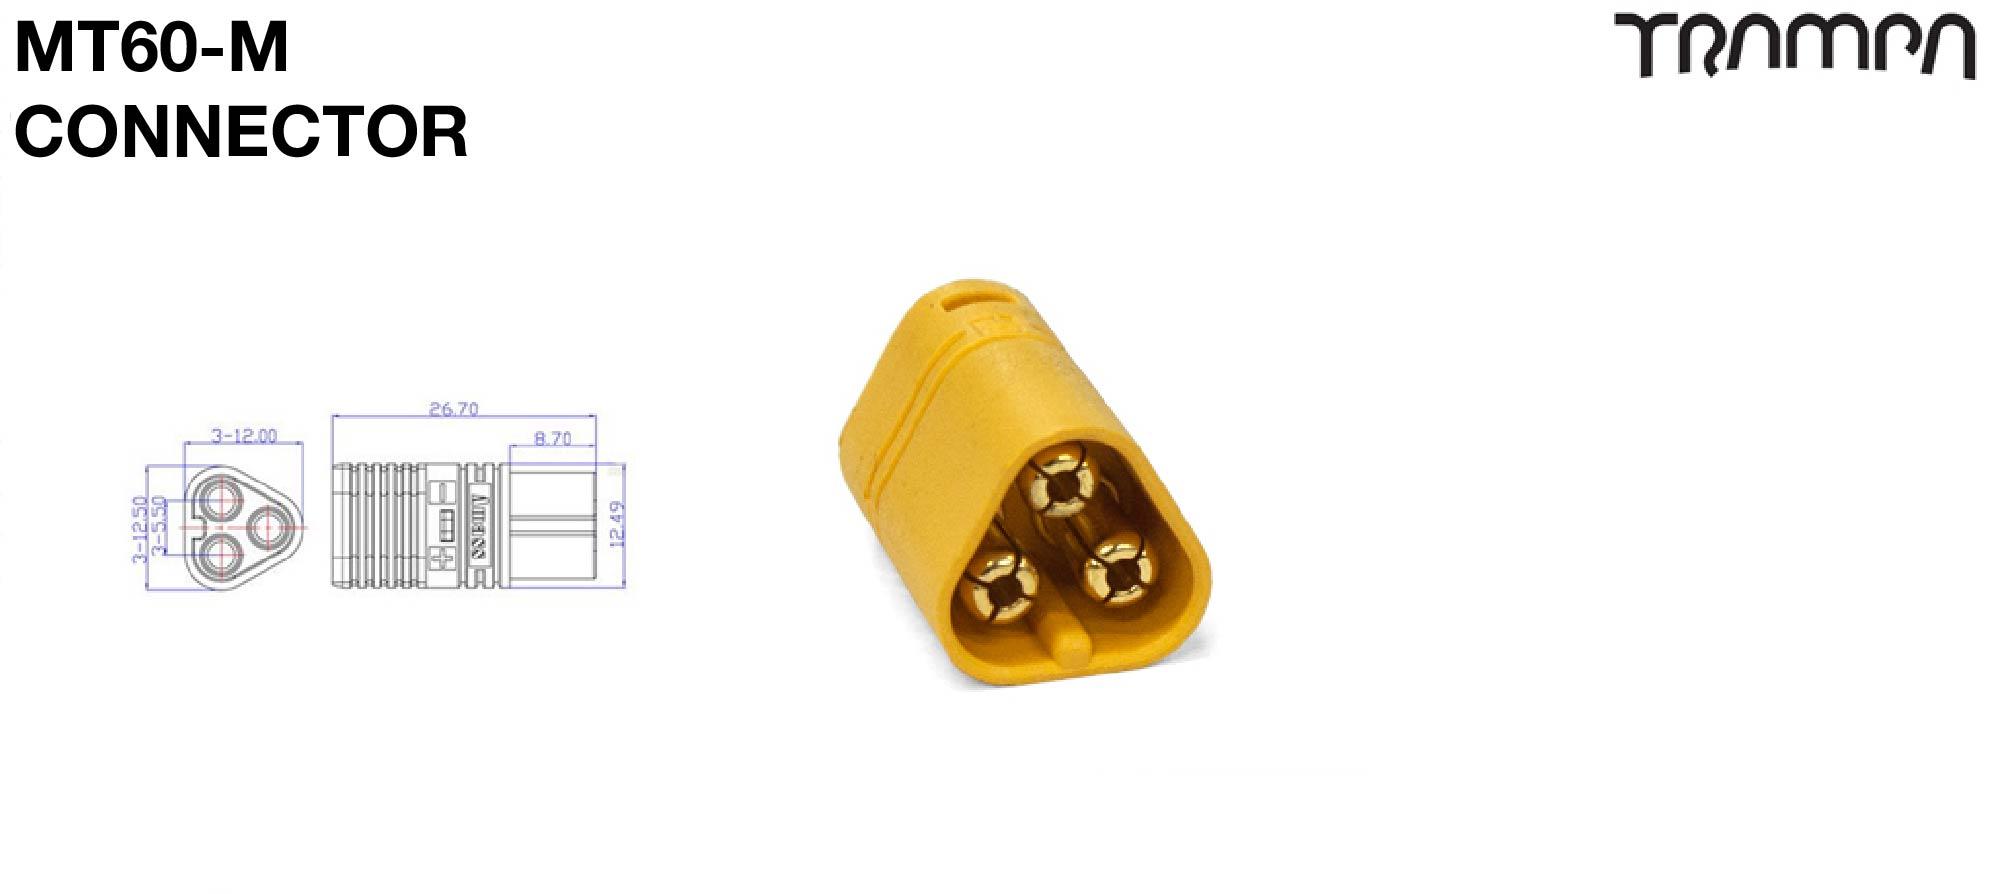 MT60-M.G.Y connector